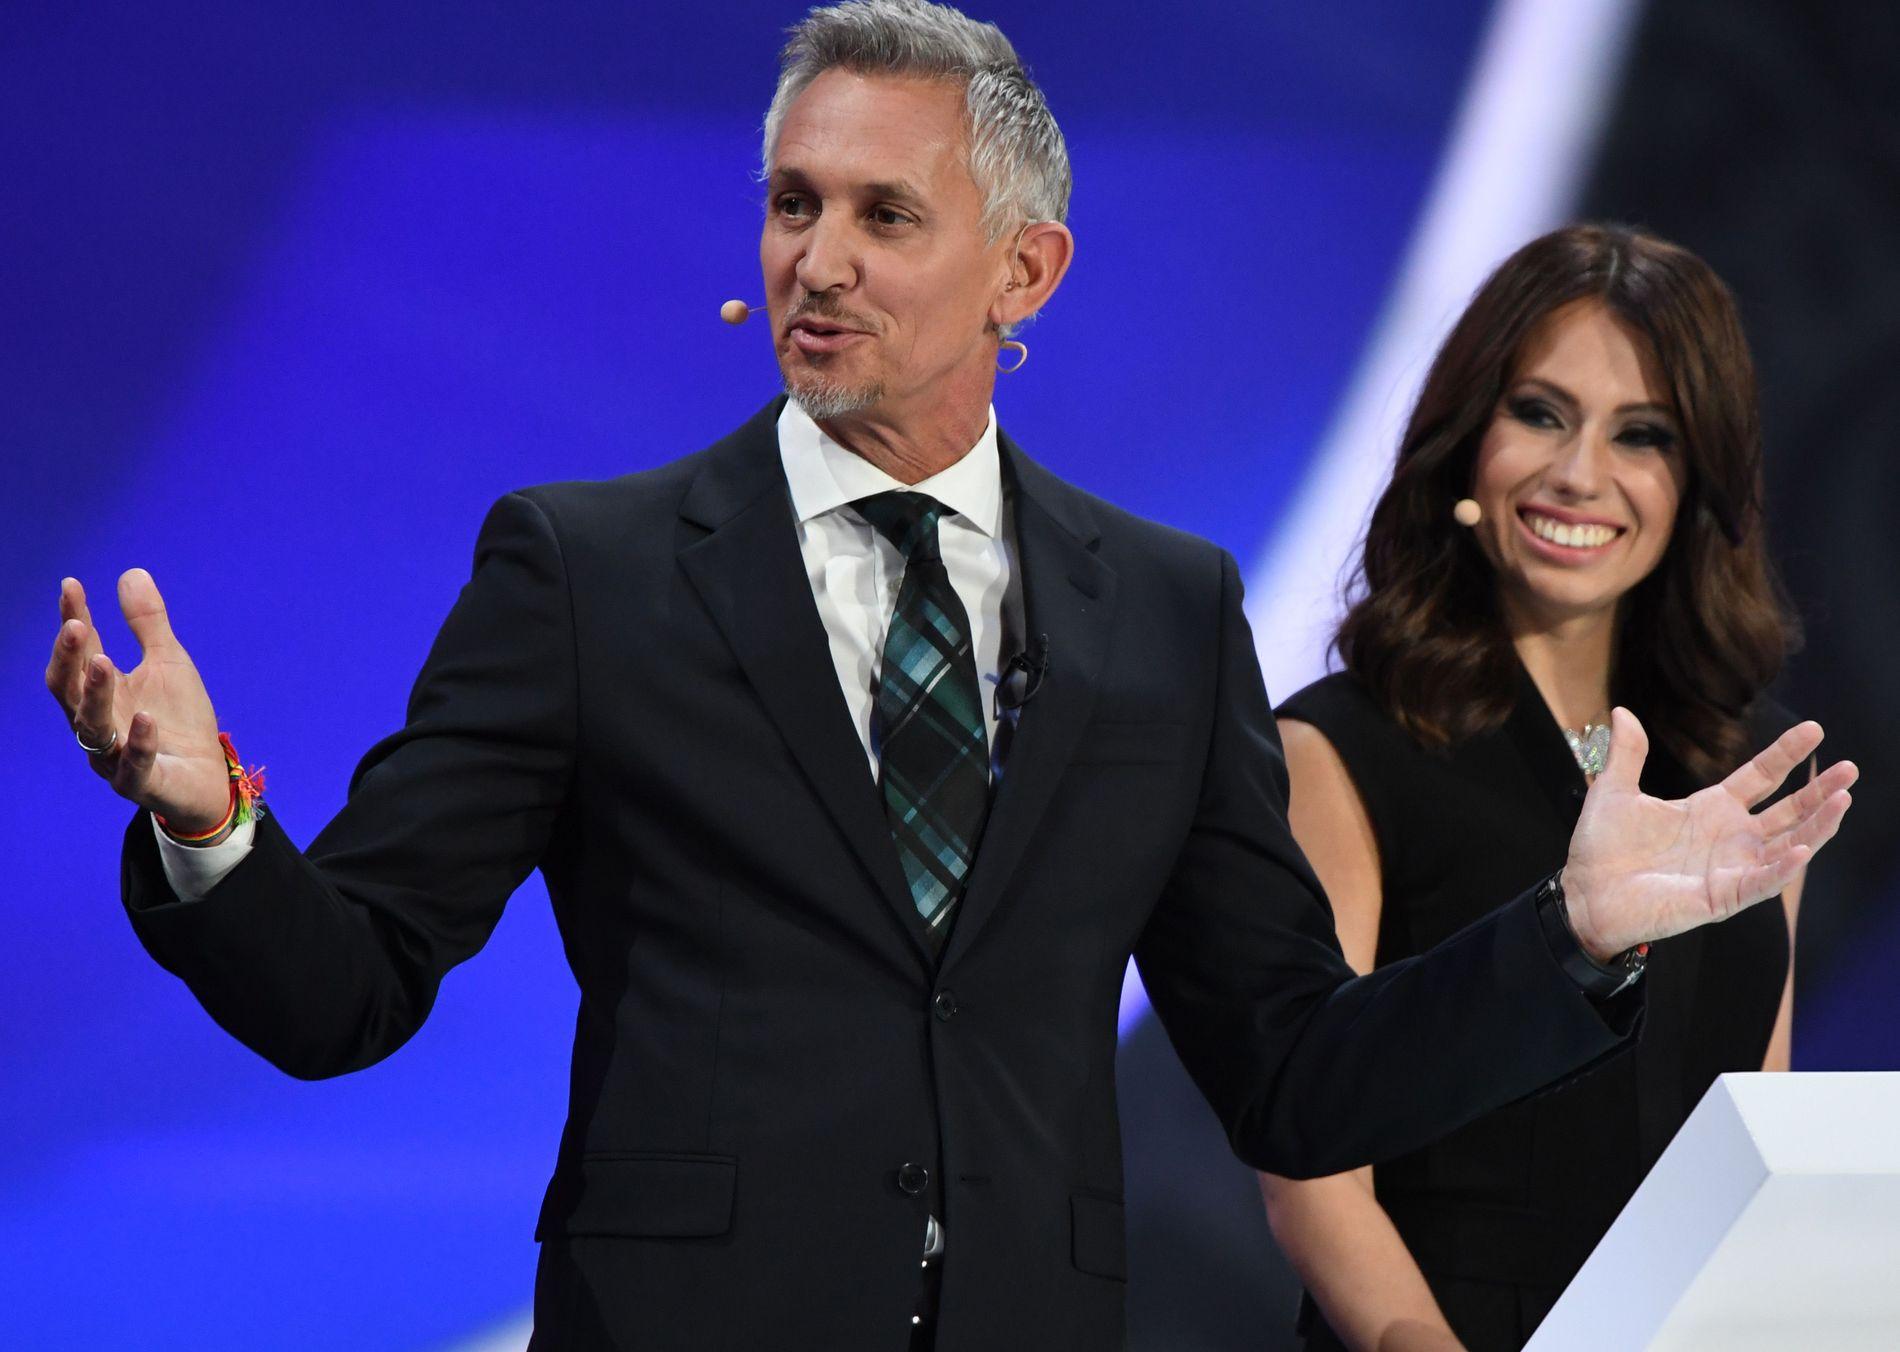 HAR MISTET TROEN: Gary Lineker var med da gruppene ble trukket til sommerens VM.  Her er han sammen med den russiske sportsjournalisten Maria Komandnaya i Moskva i desember.